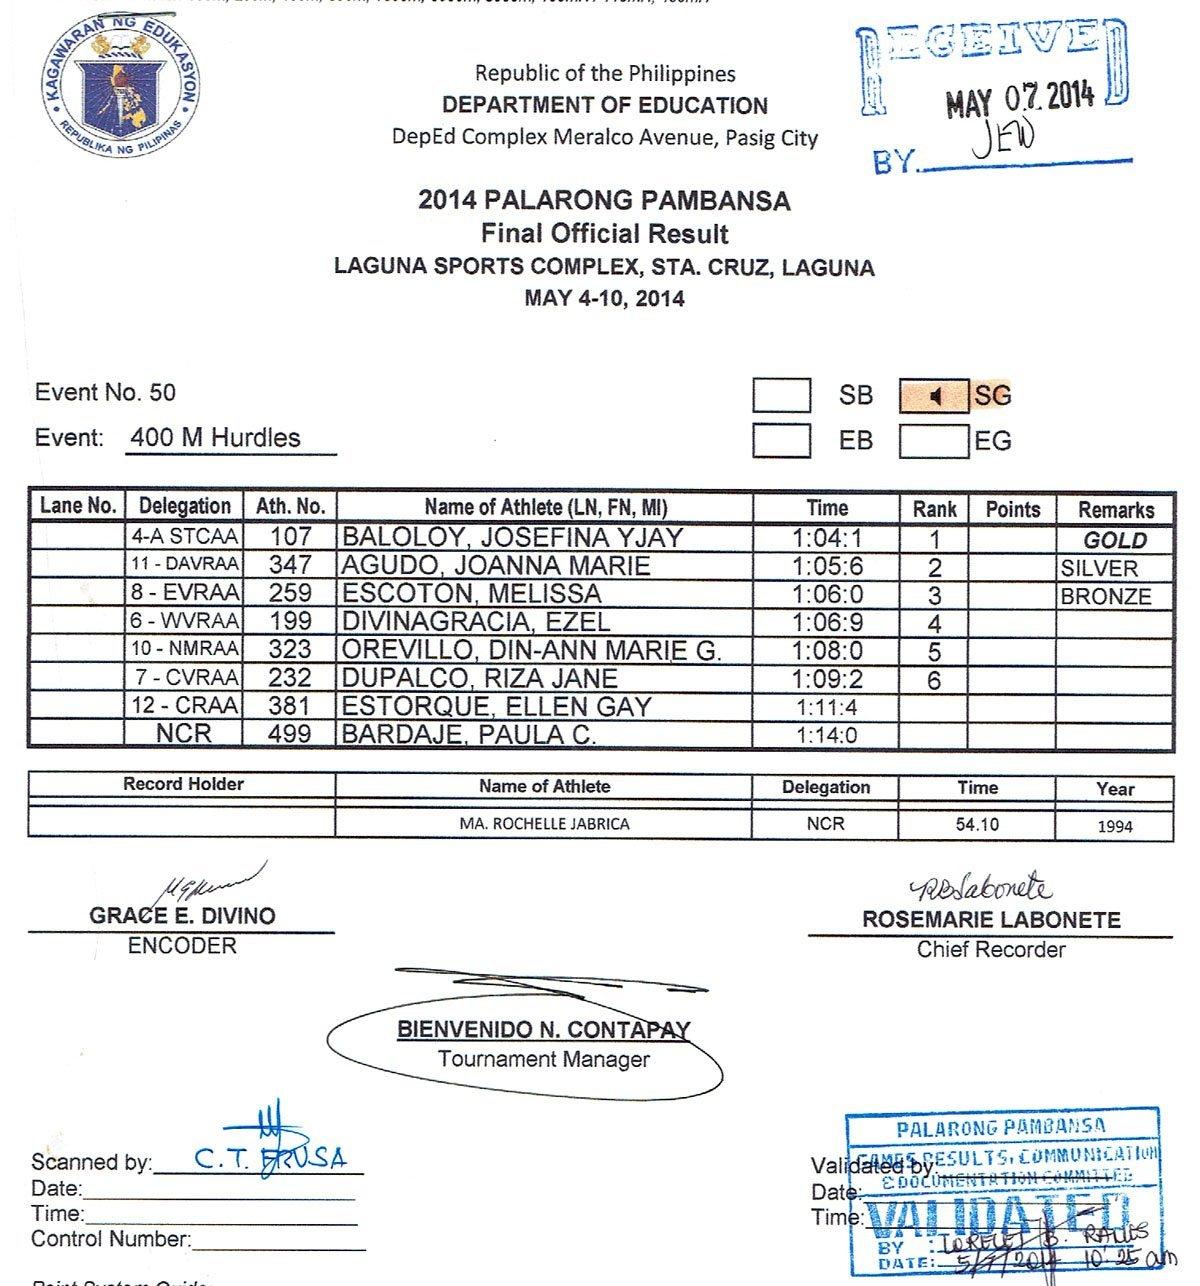 Palarong Pambansa 2014